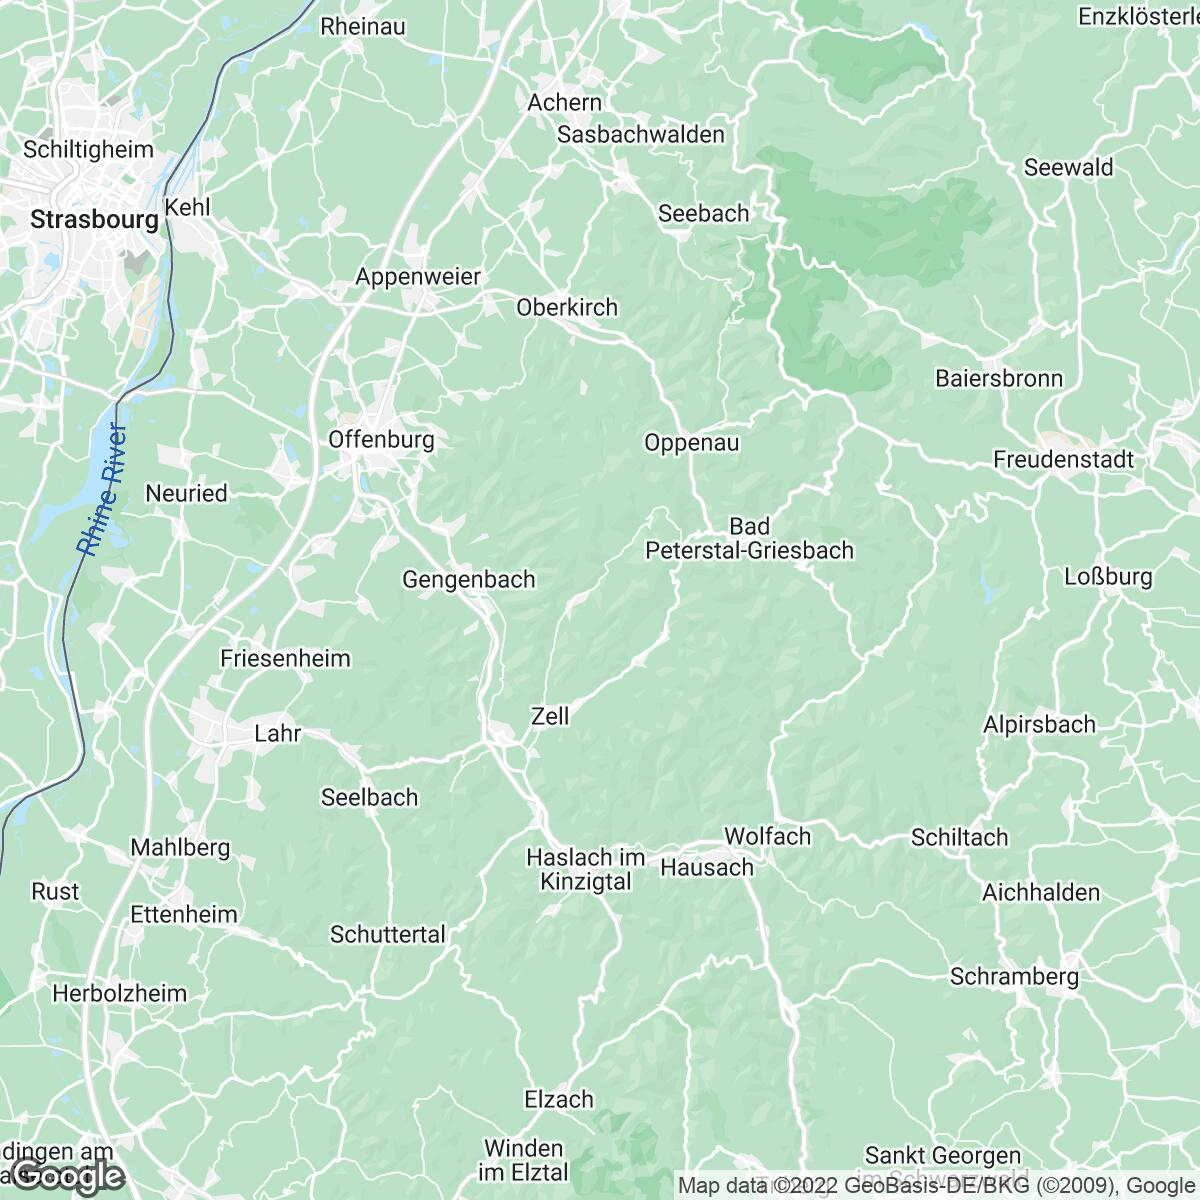 Verkaufsgebiet der Zeitungen Mittelbadische Presse/Zeitungen der Ortenau